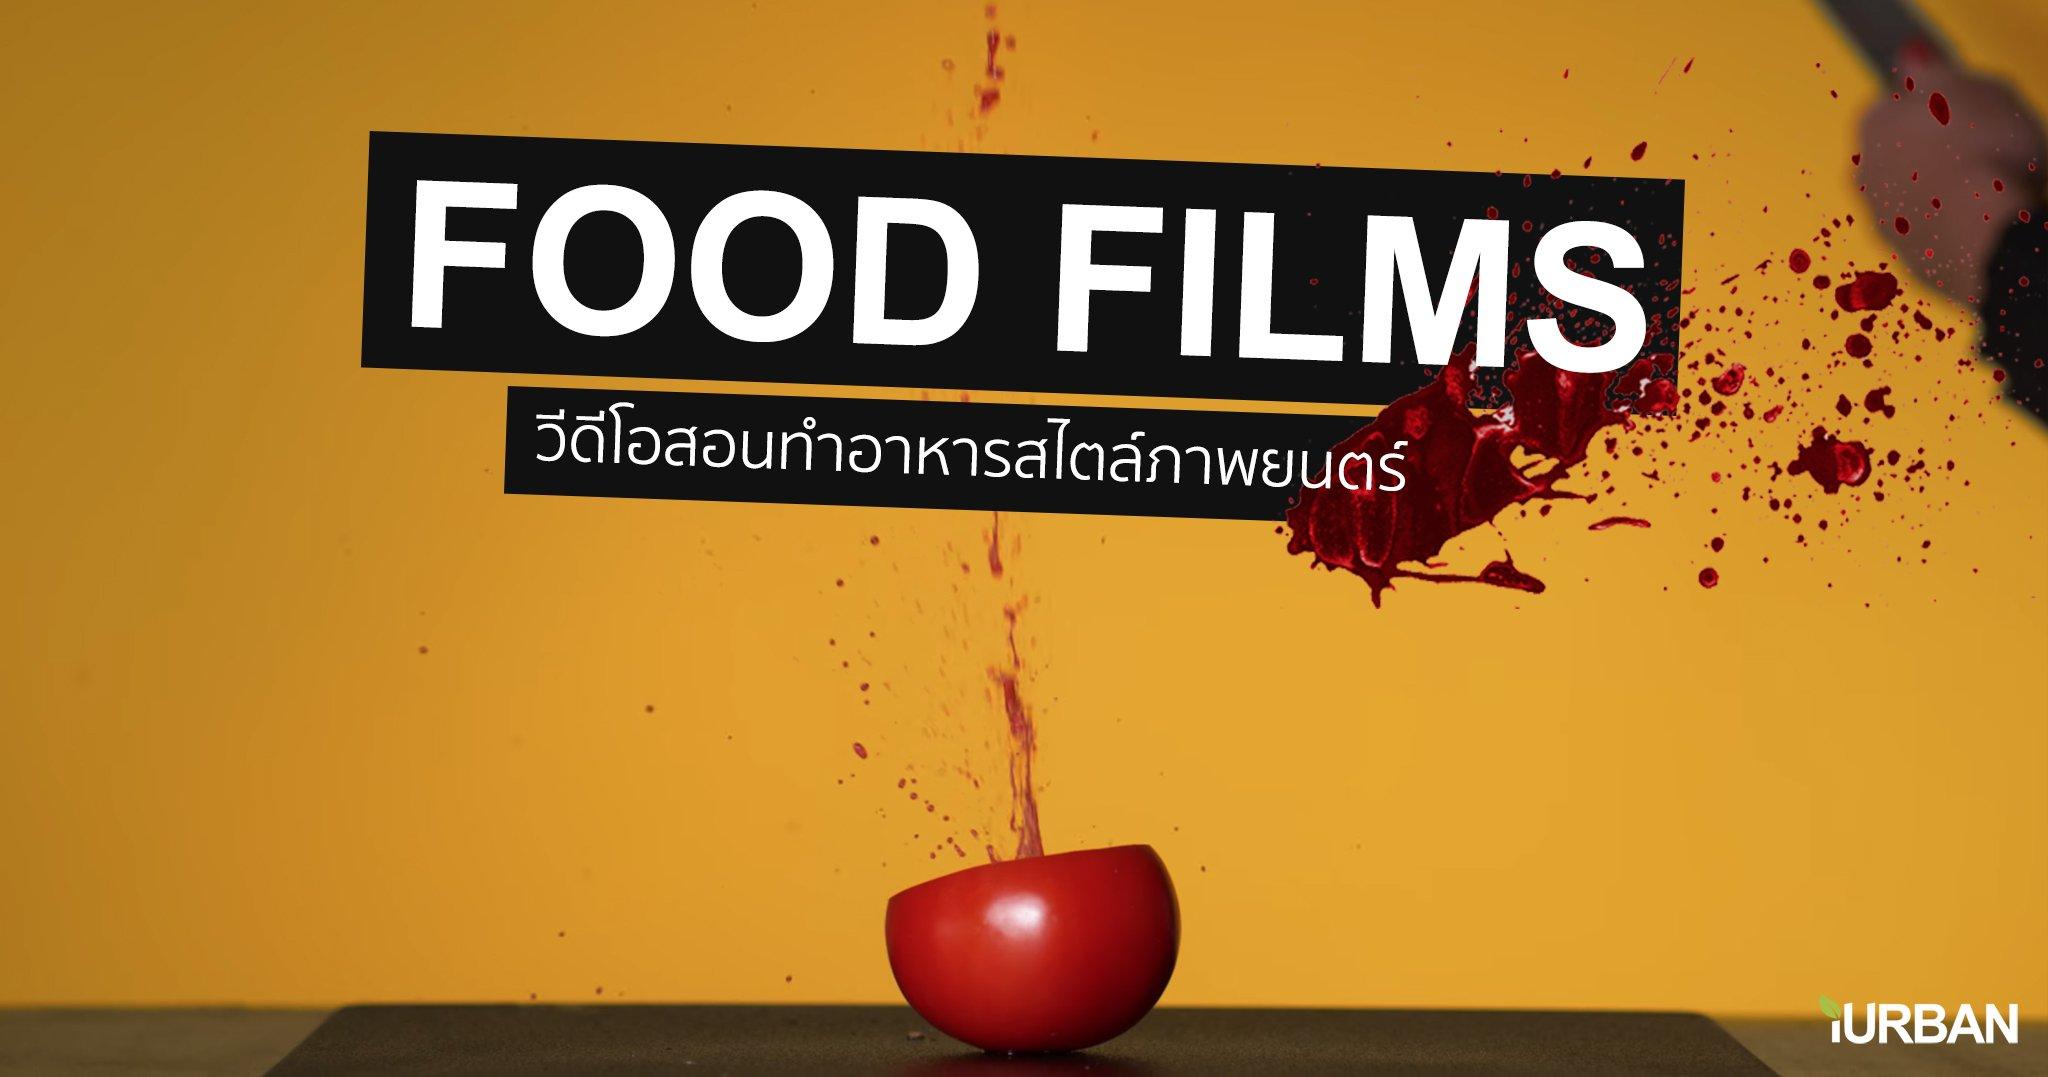 Food Films คลิปสอนทำอาหารที่ทำให้คุณรู้สึกเหมือนดูหนังจากผู้กำกับชื่อดัง 2 - film